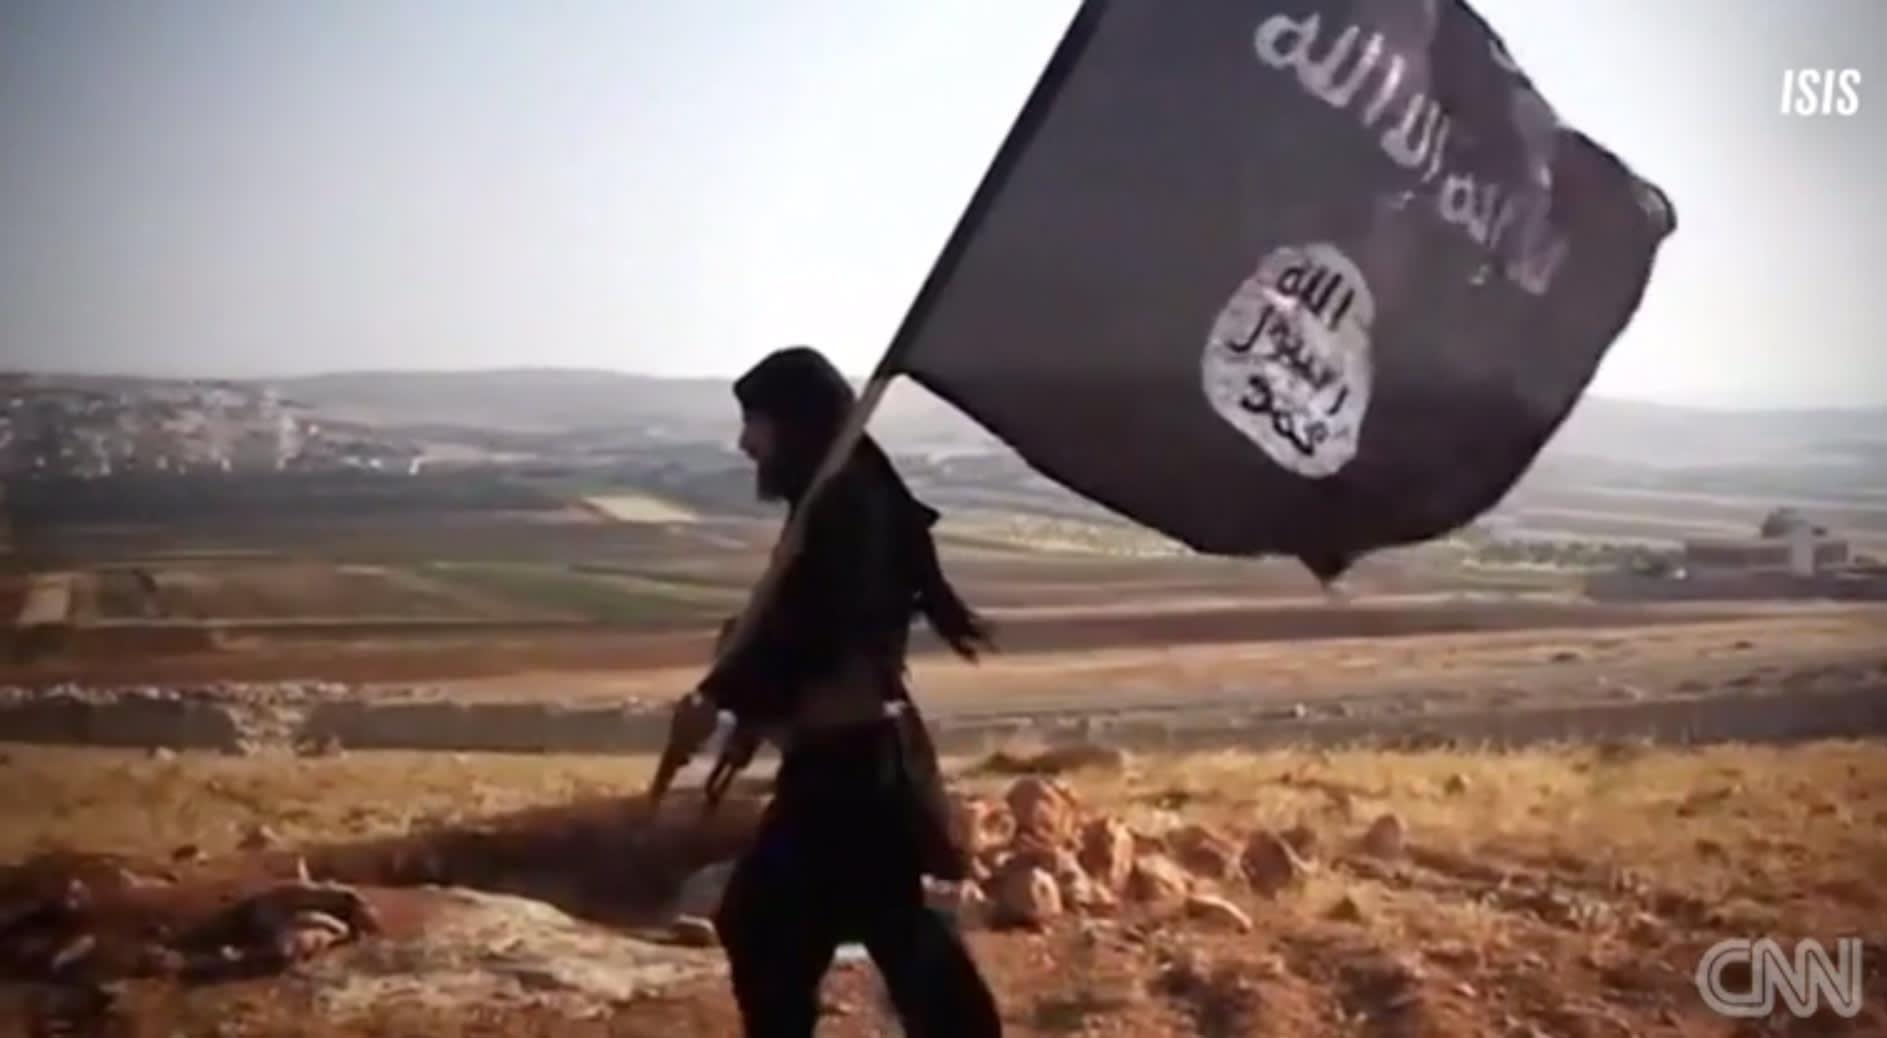 """CNN تكشف: القوات الأمريكية الخاصة تعتقل عنصرا بـ""""داعش"""" لأول مرة"""